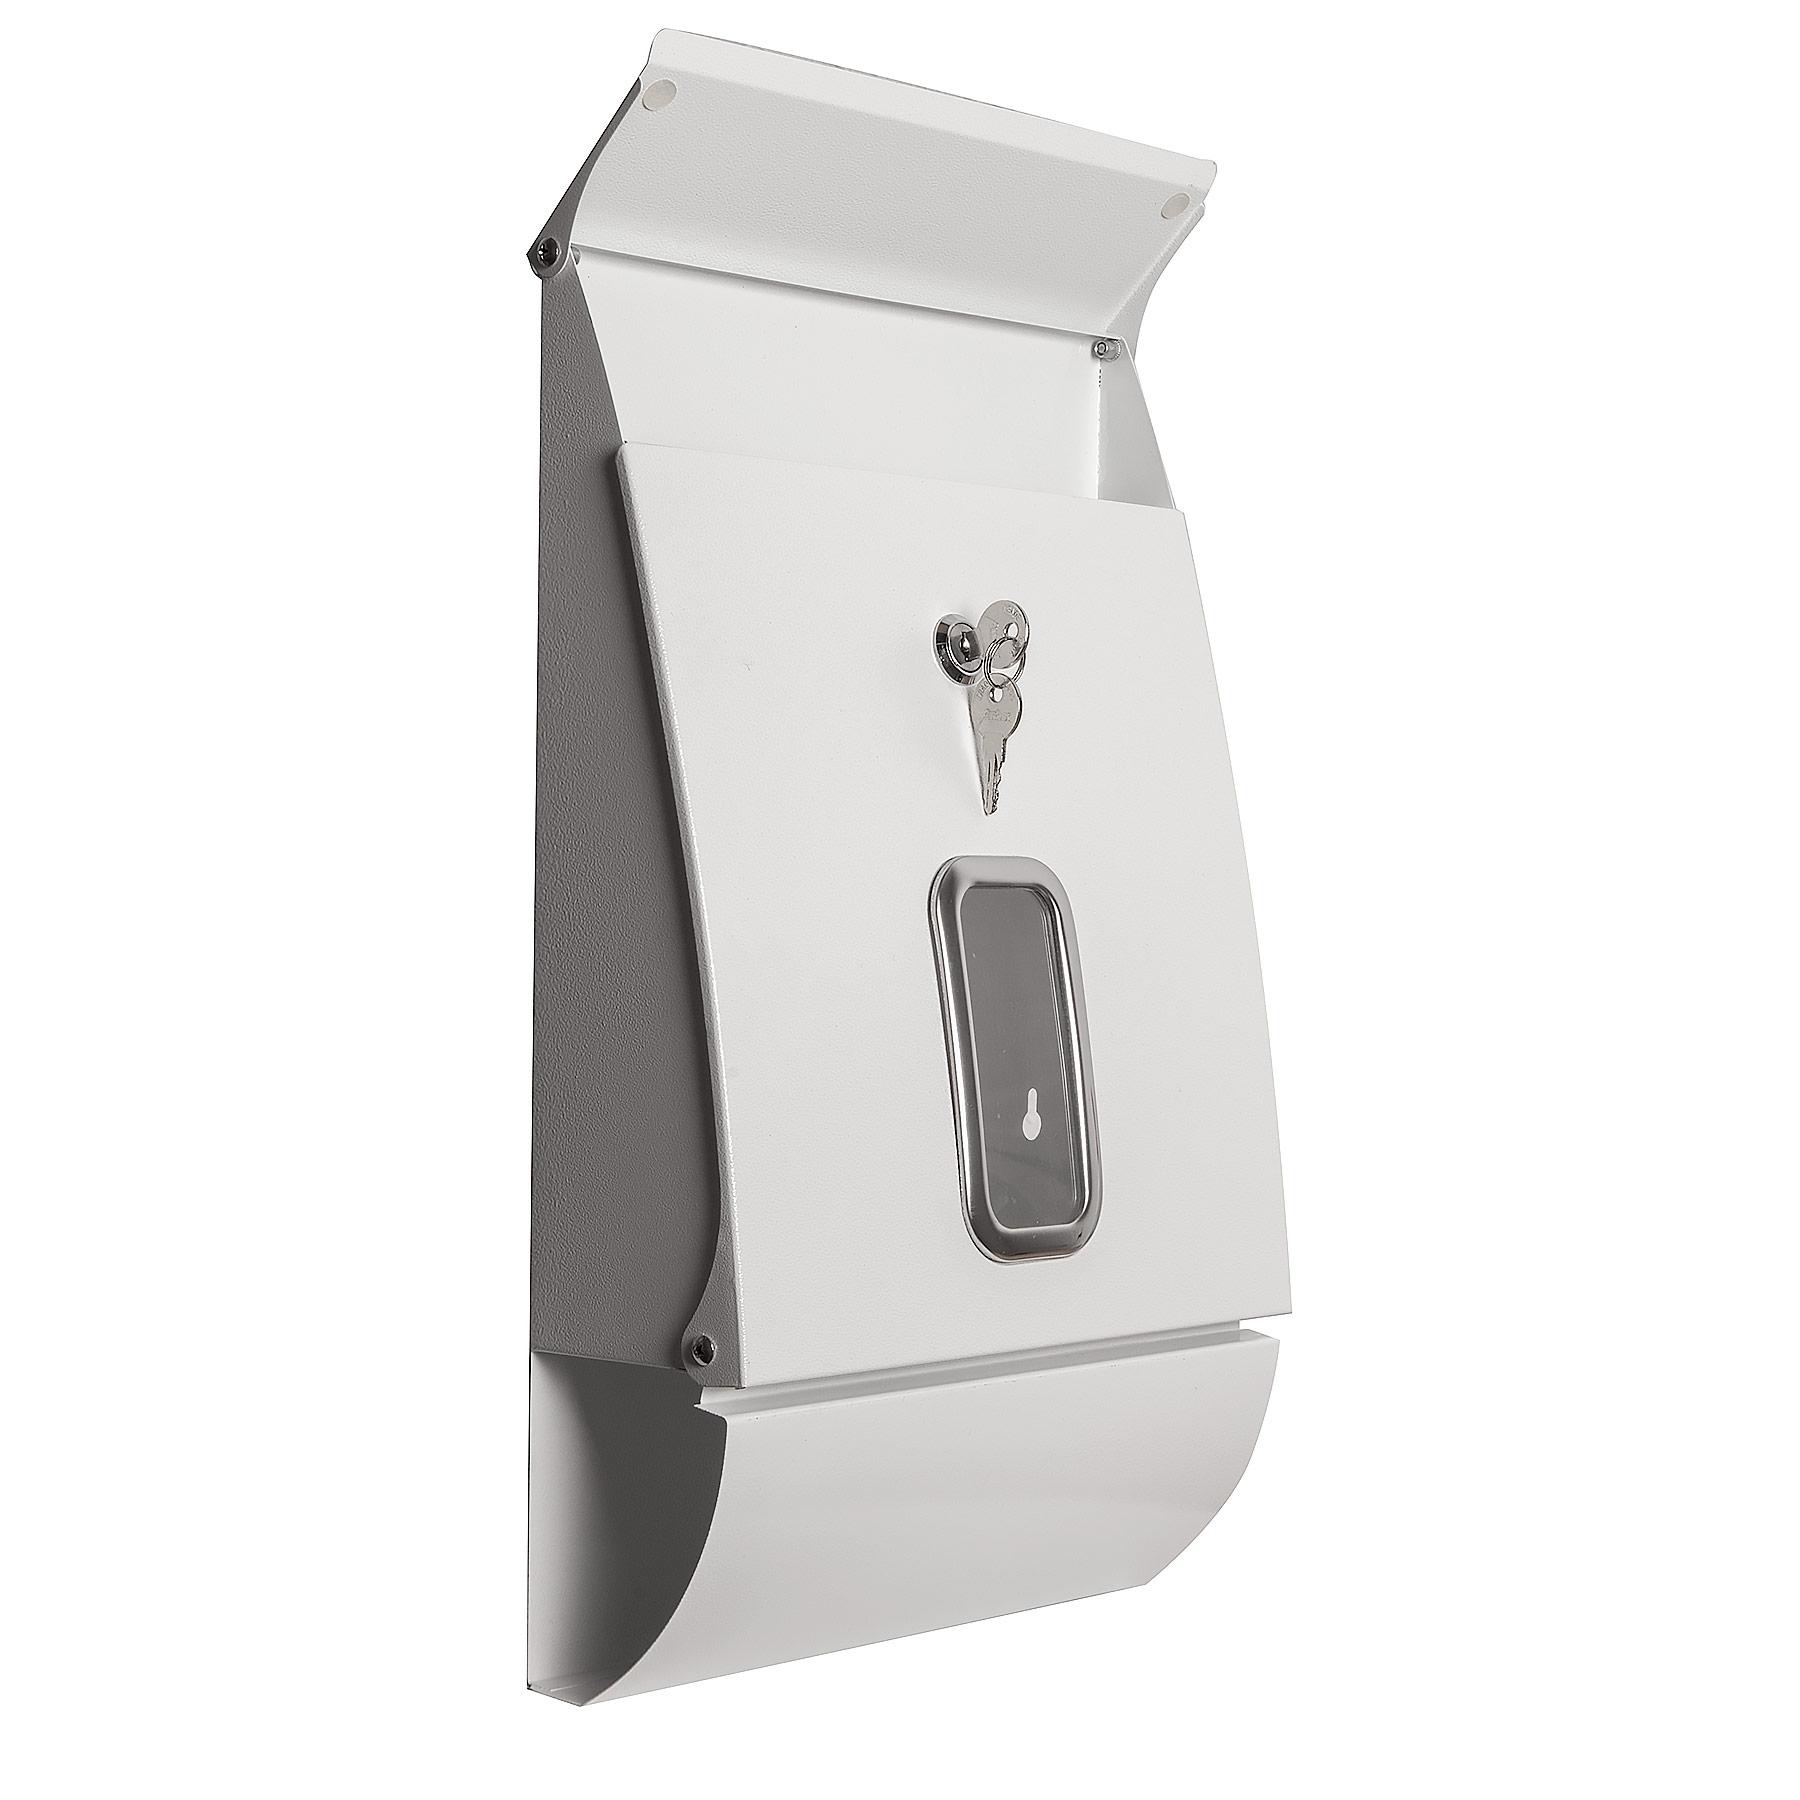 Design Briefkasten Jet Box Weiss Mit Sichtfenster Letter